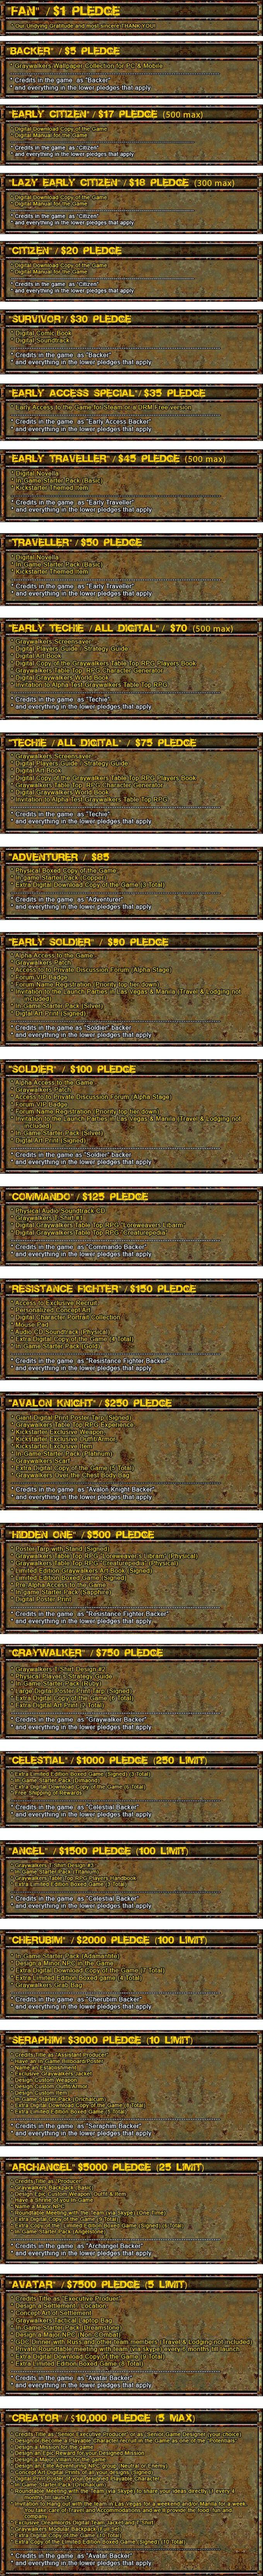 Updated Reward Tiers